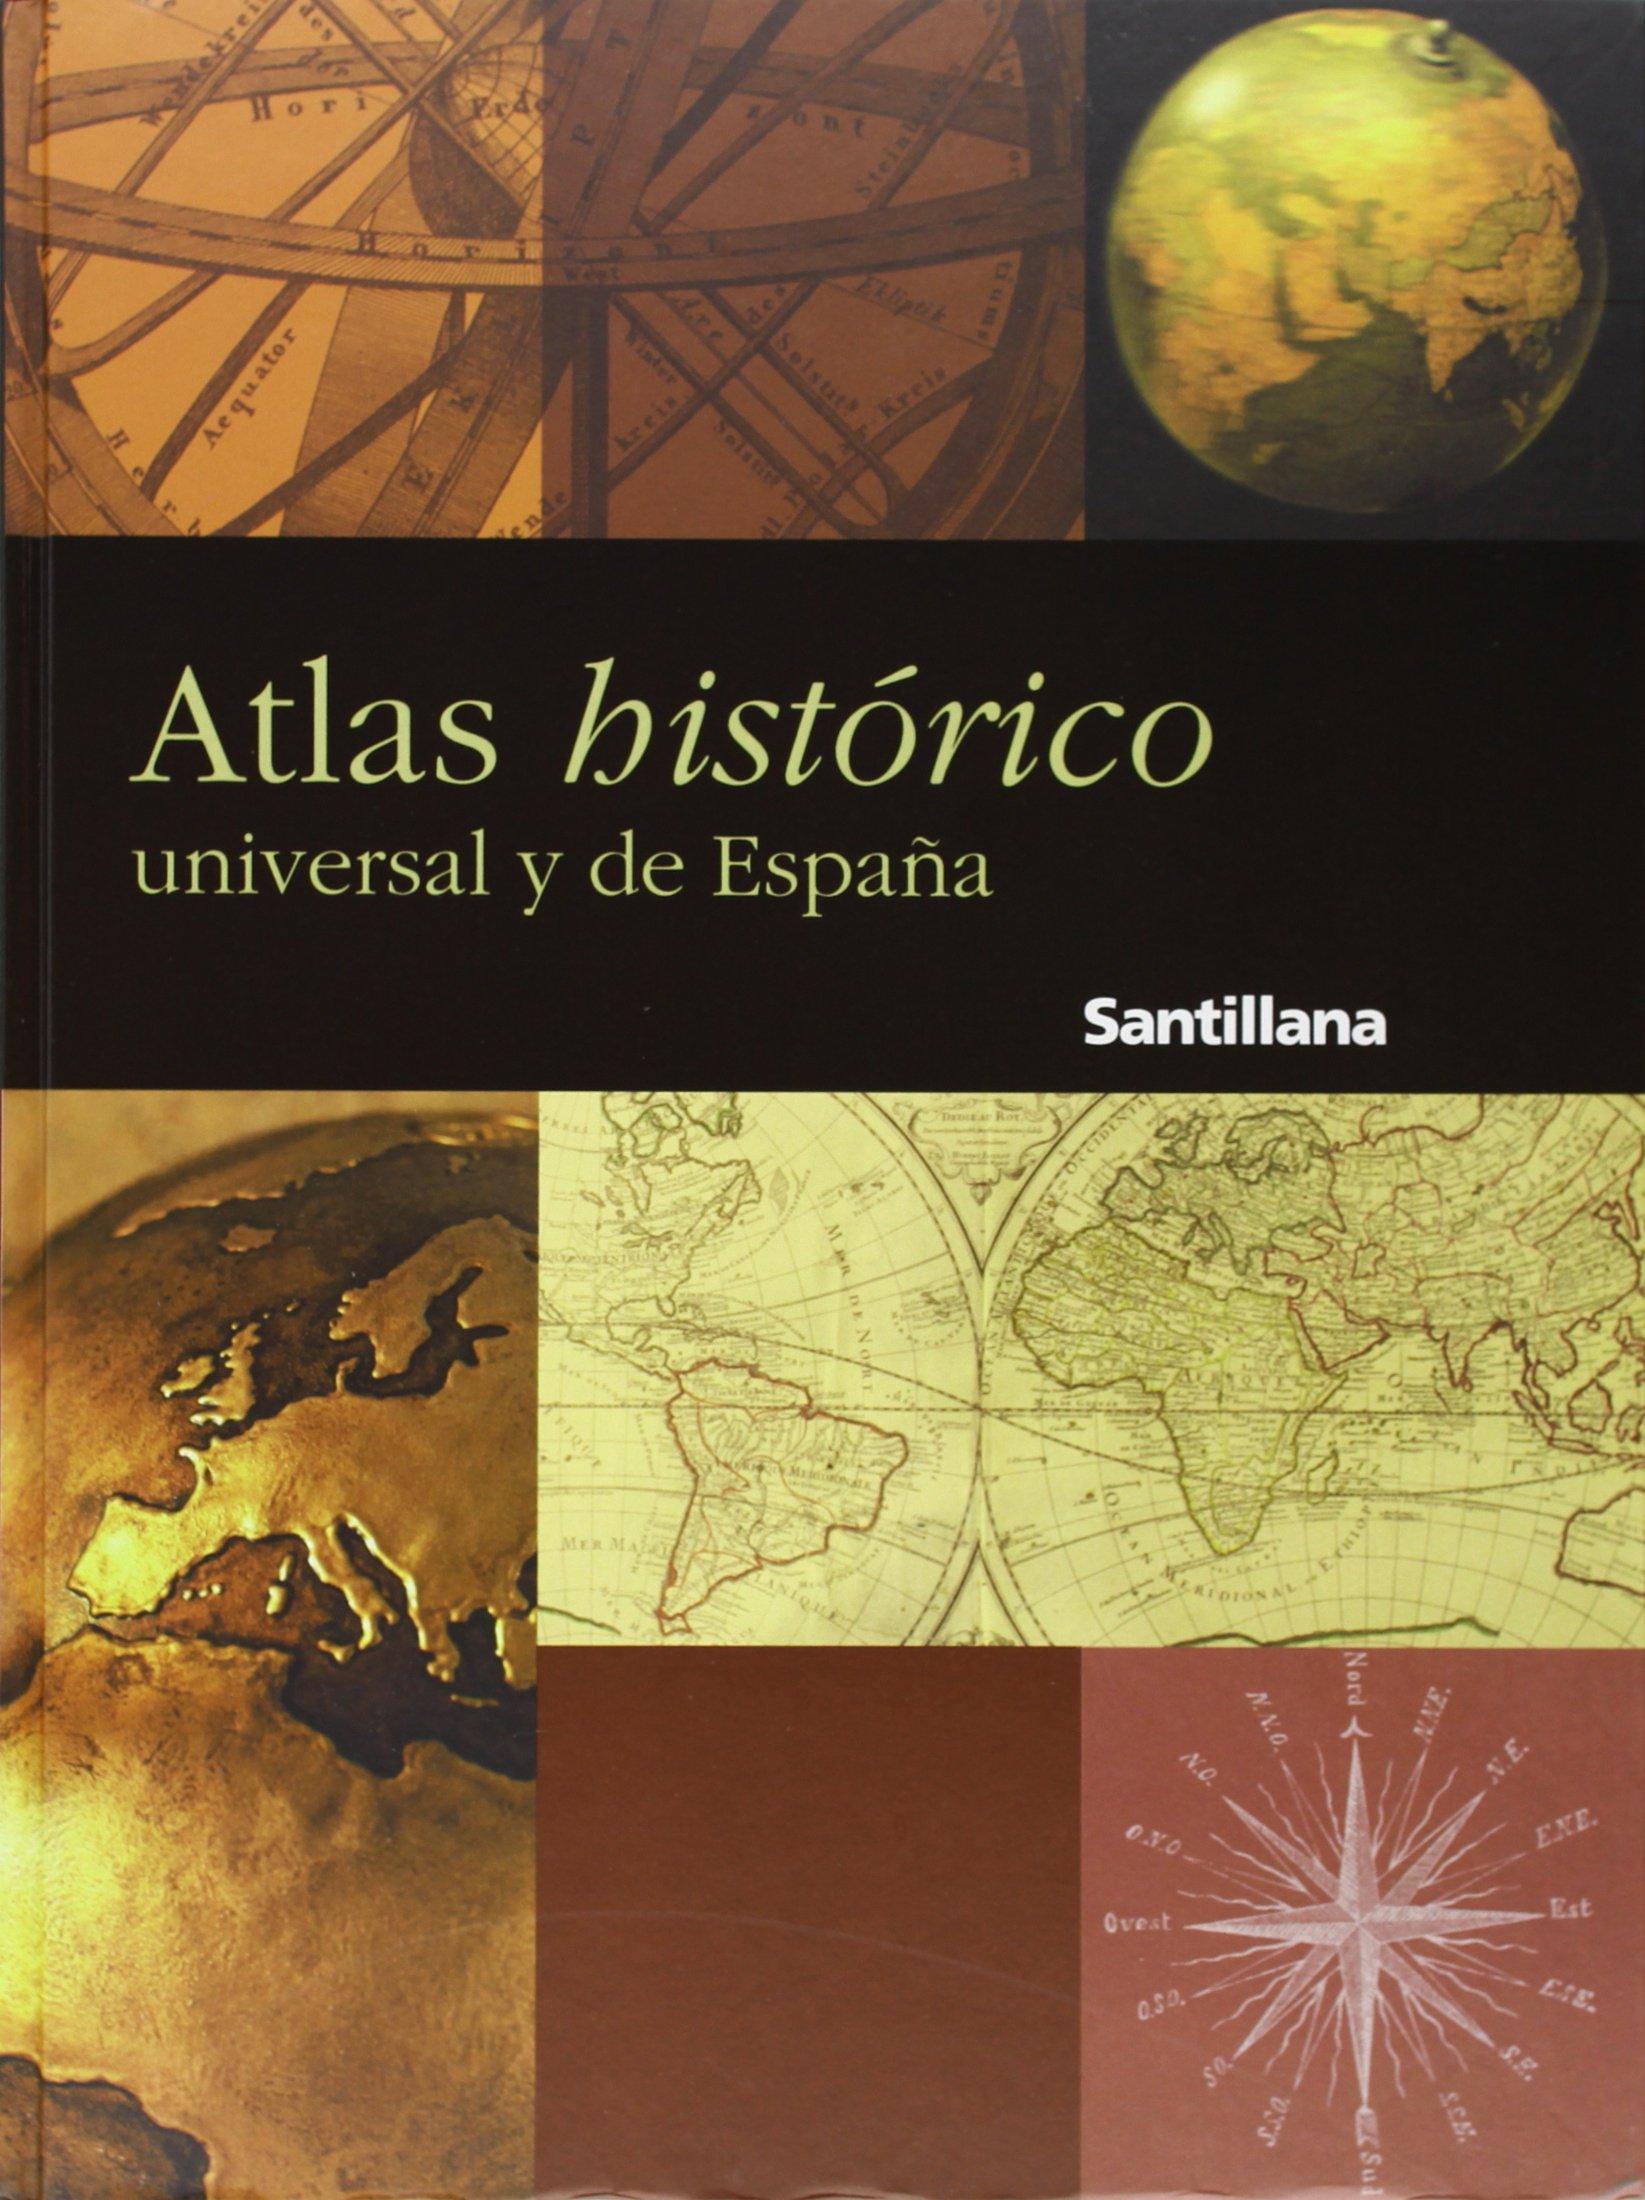 Atlas histórico universal y de España Santillana: Amazon.es ...